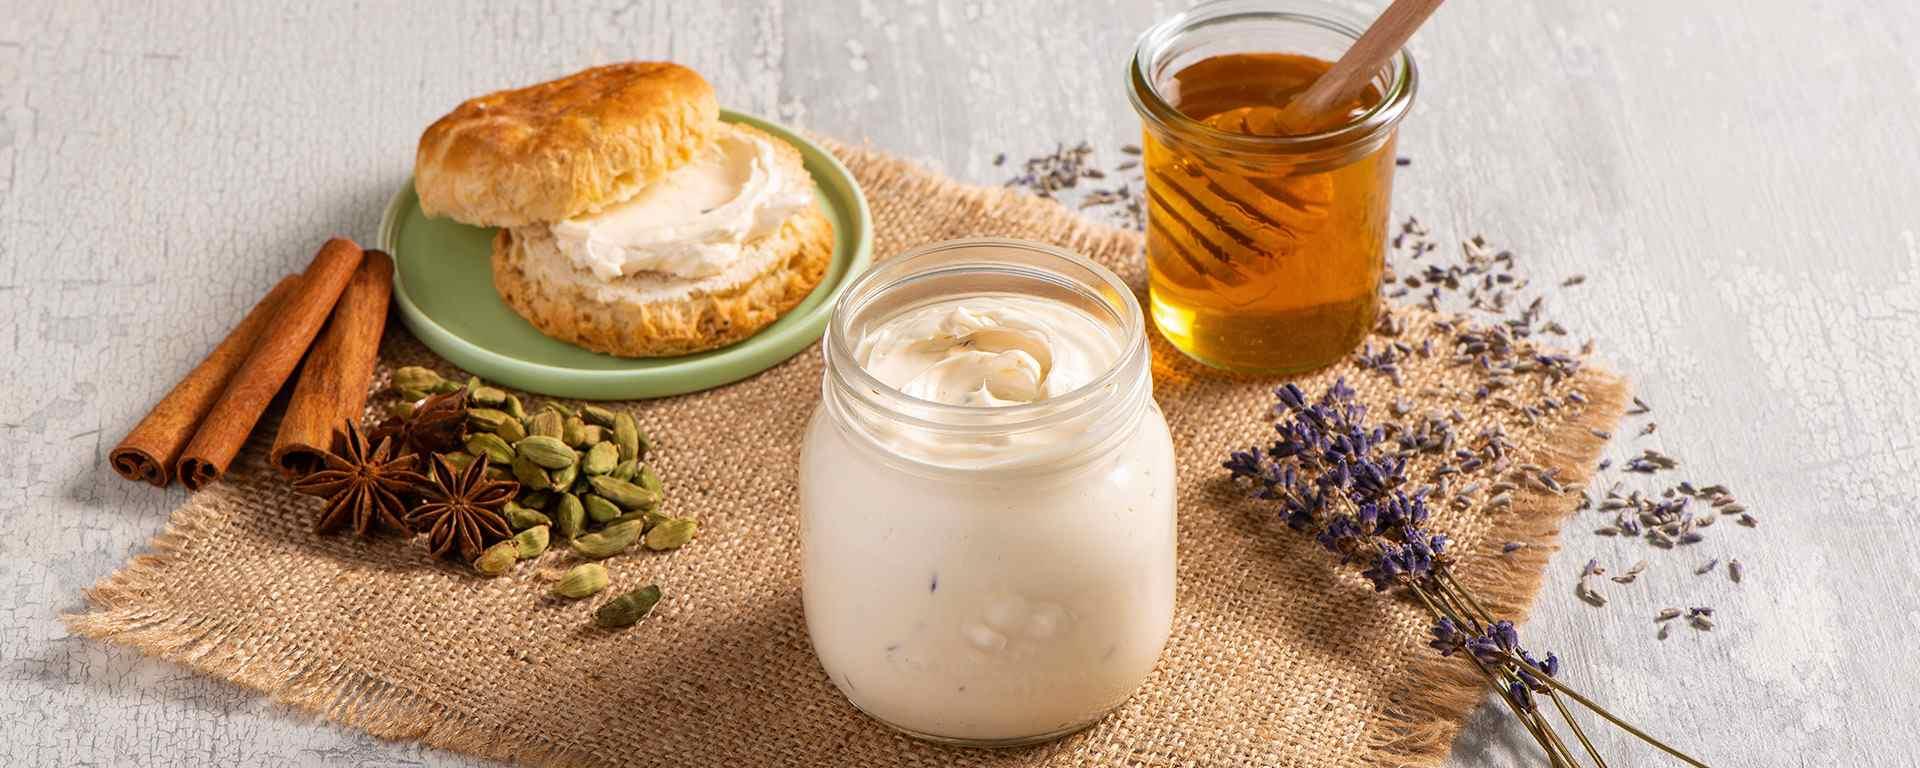 Photo for - Beurre fouetté au miel, à la lavande et au thé Chai